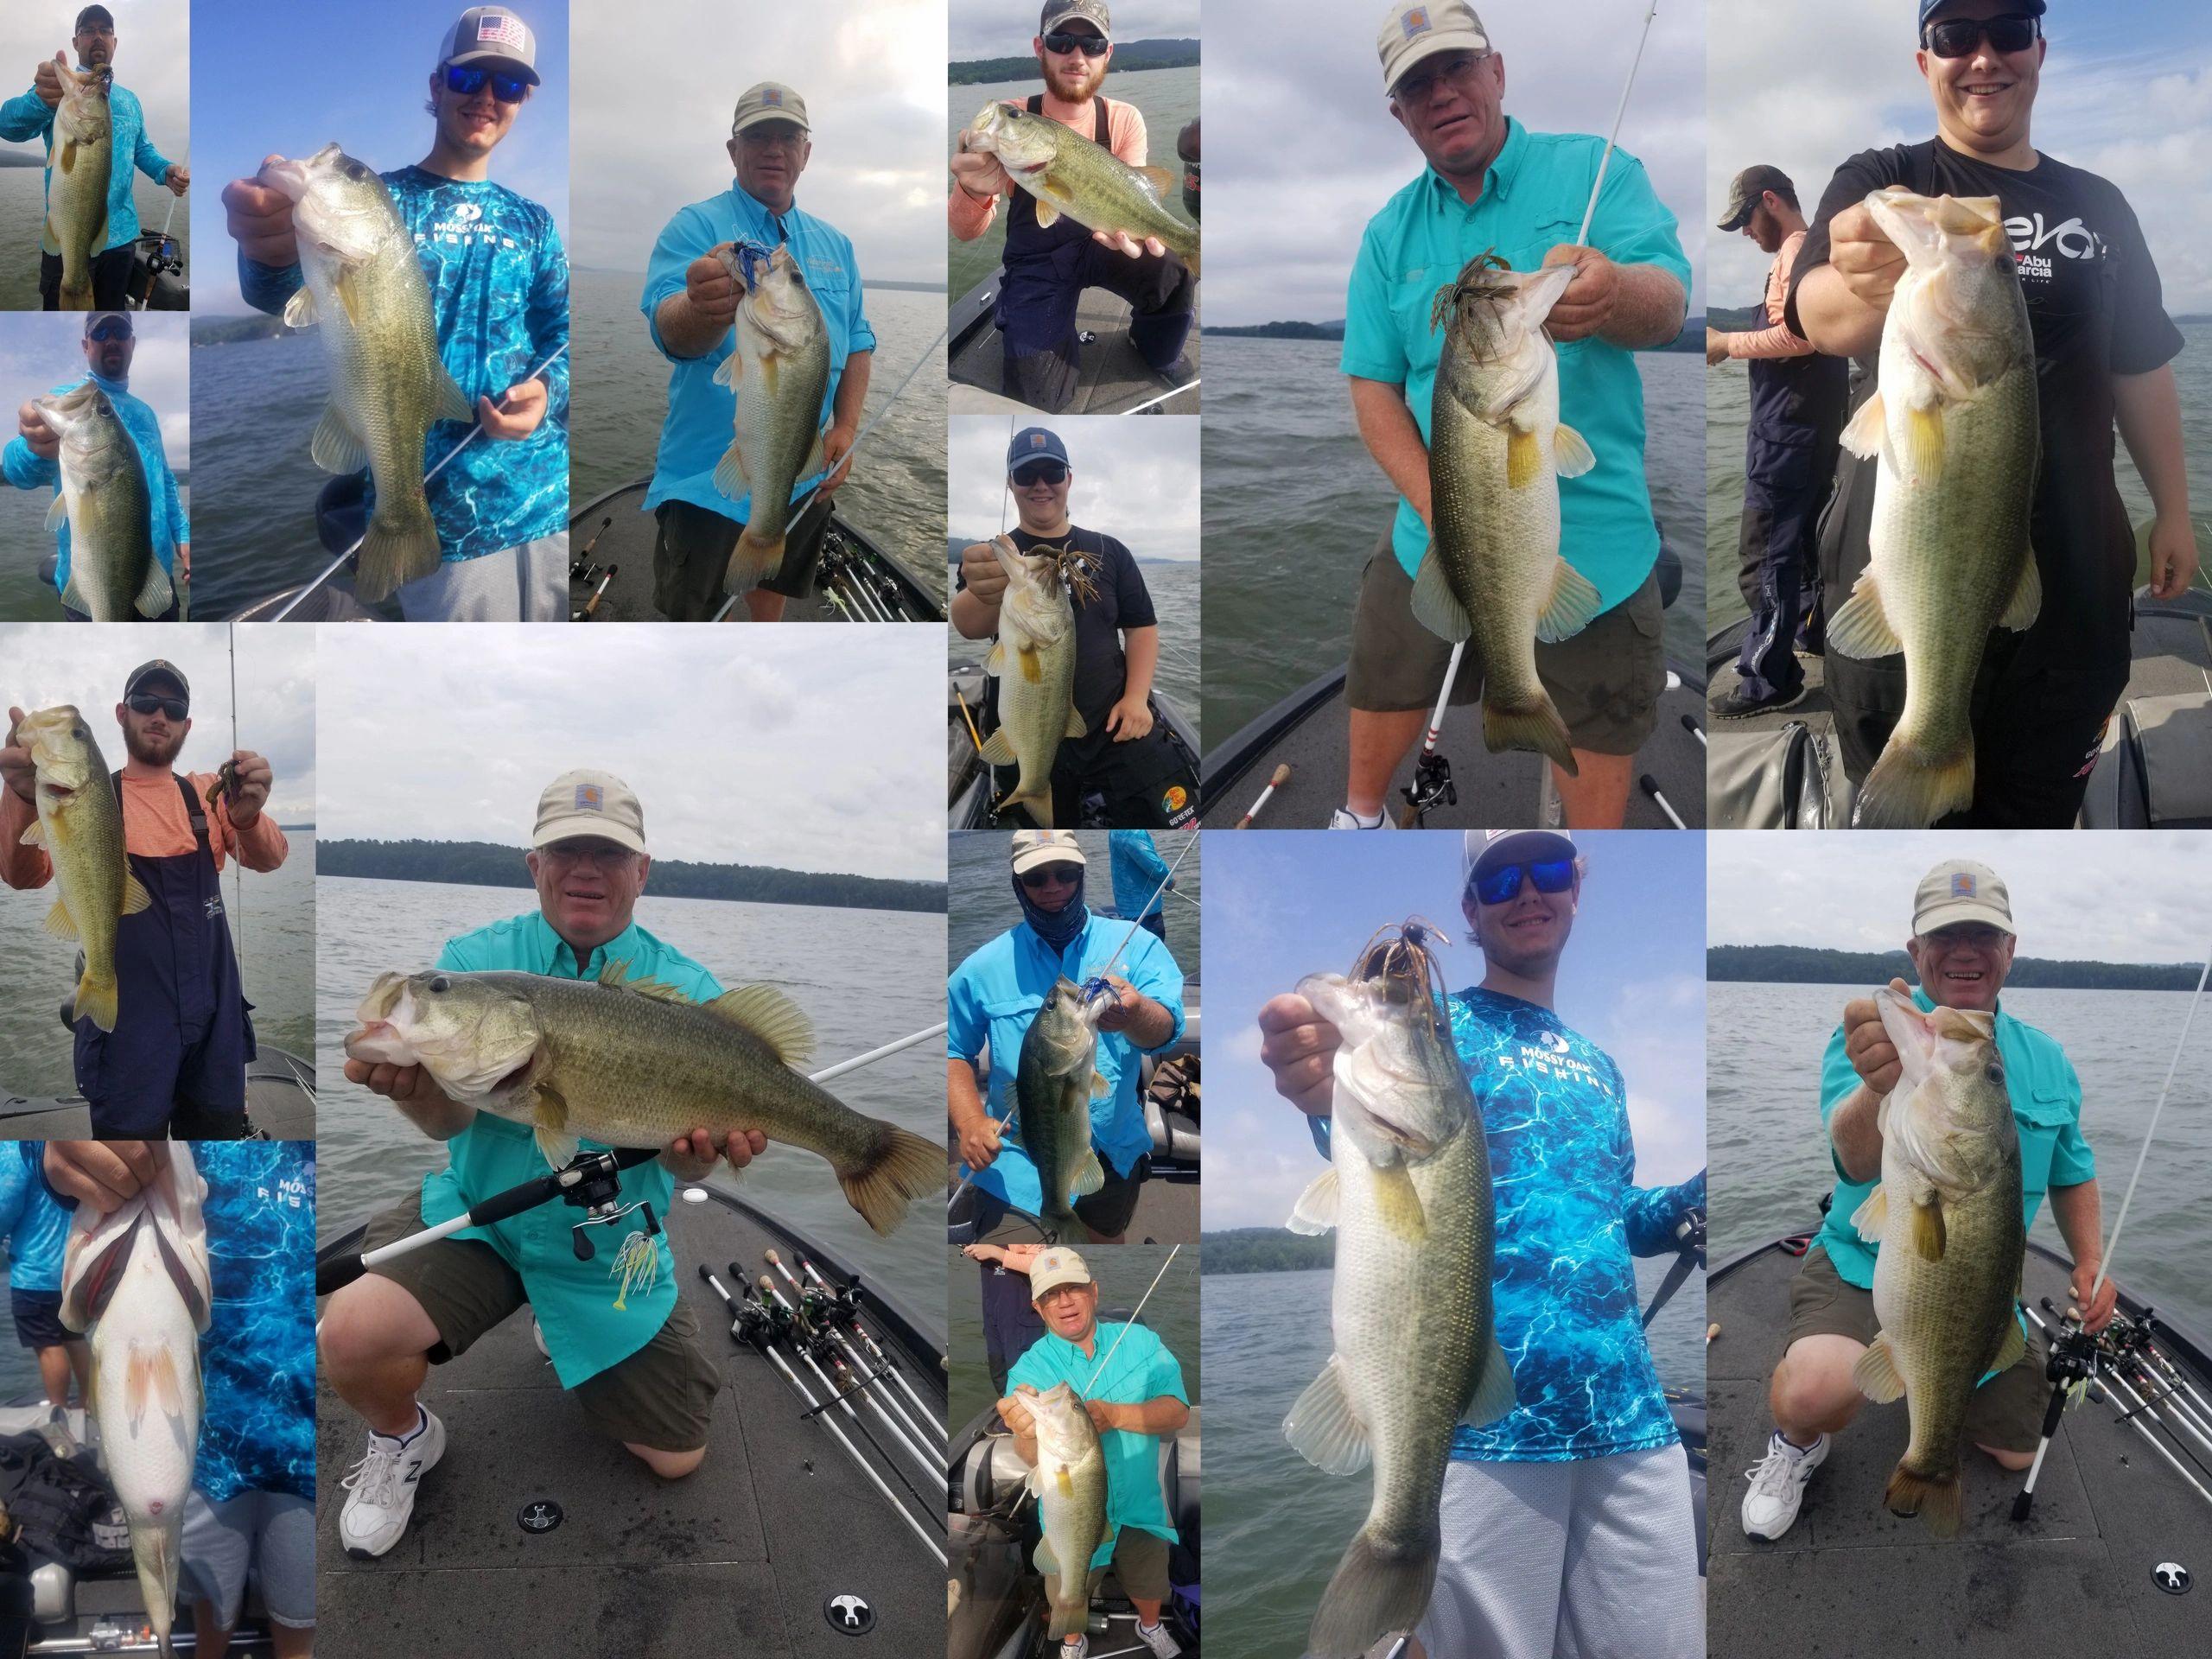 MidSouth Bass Guide - Fishing Reports, Fishing, Bass Guide